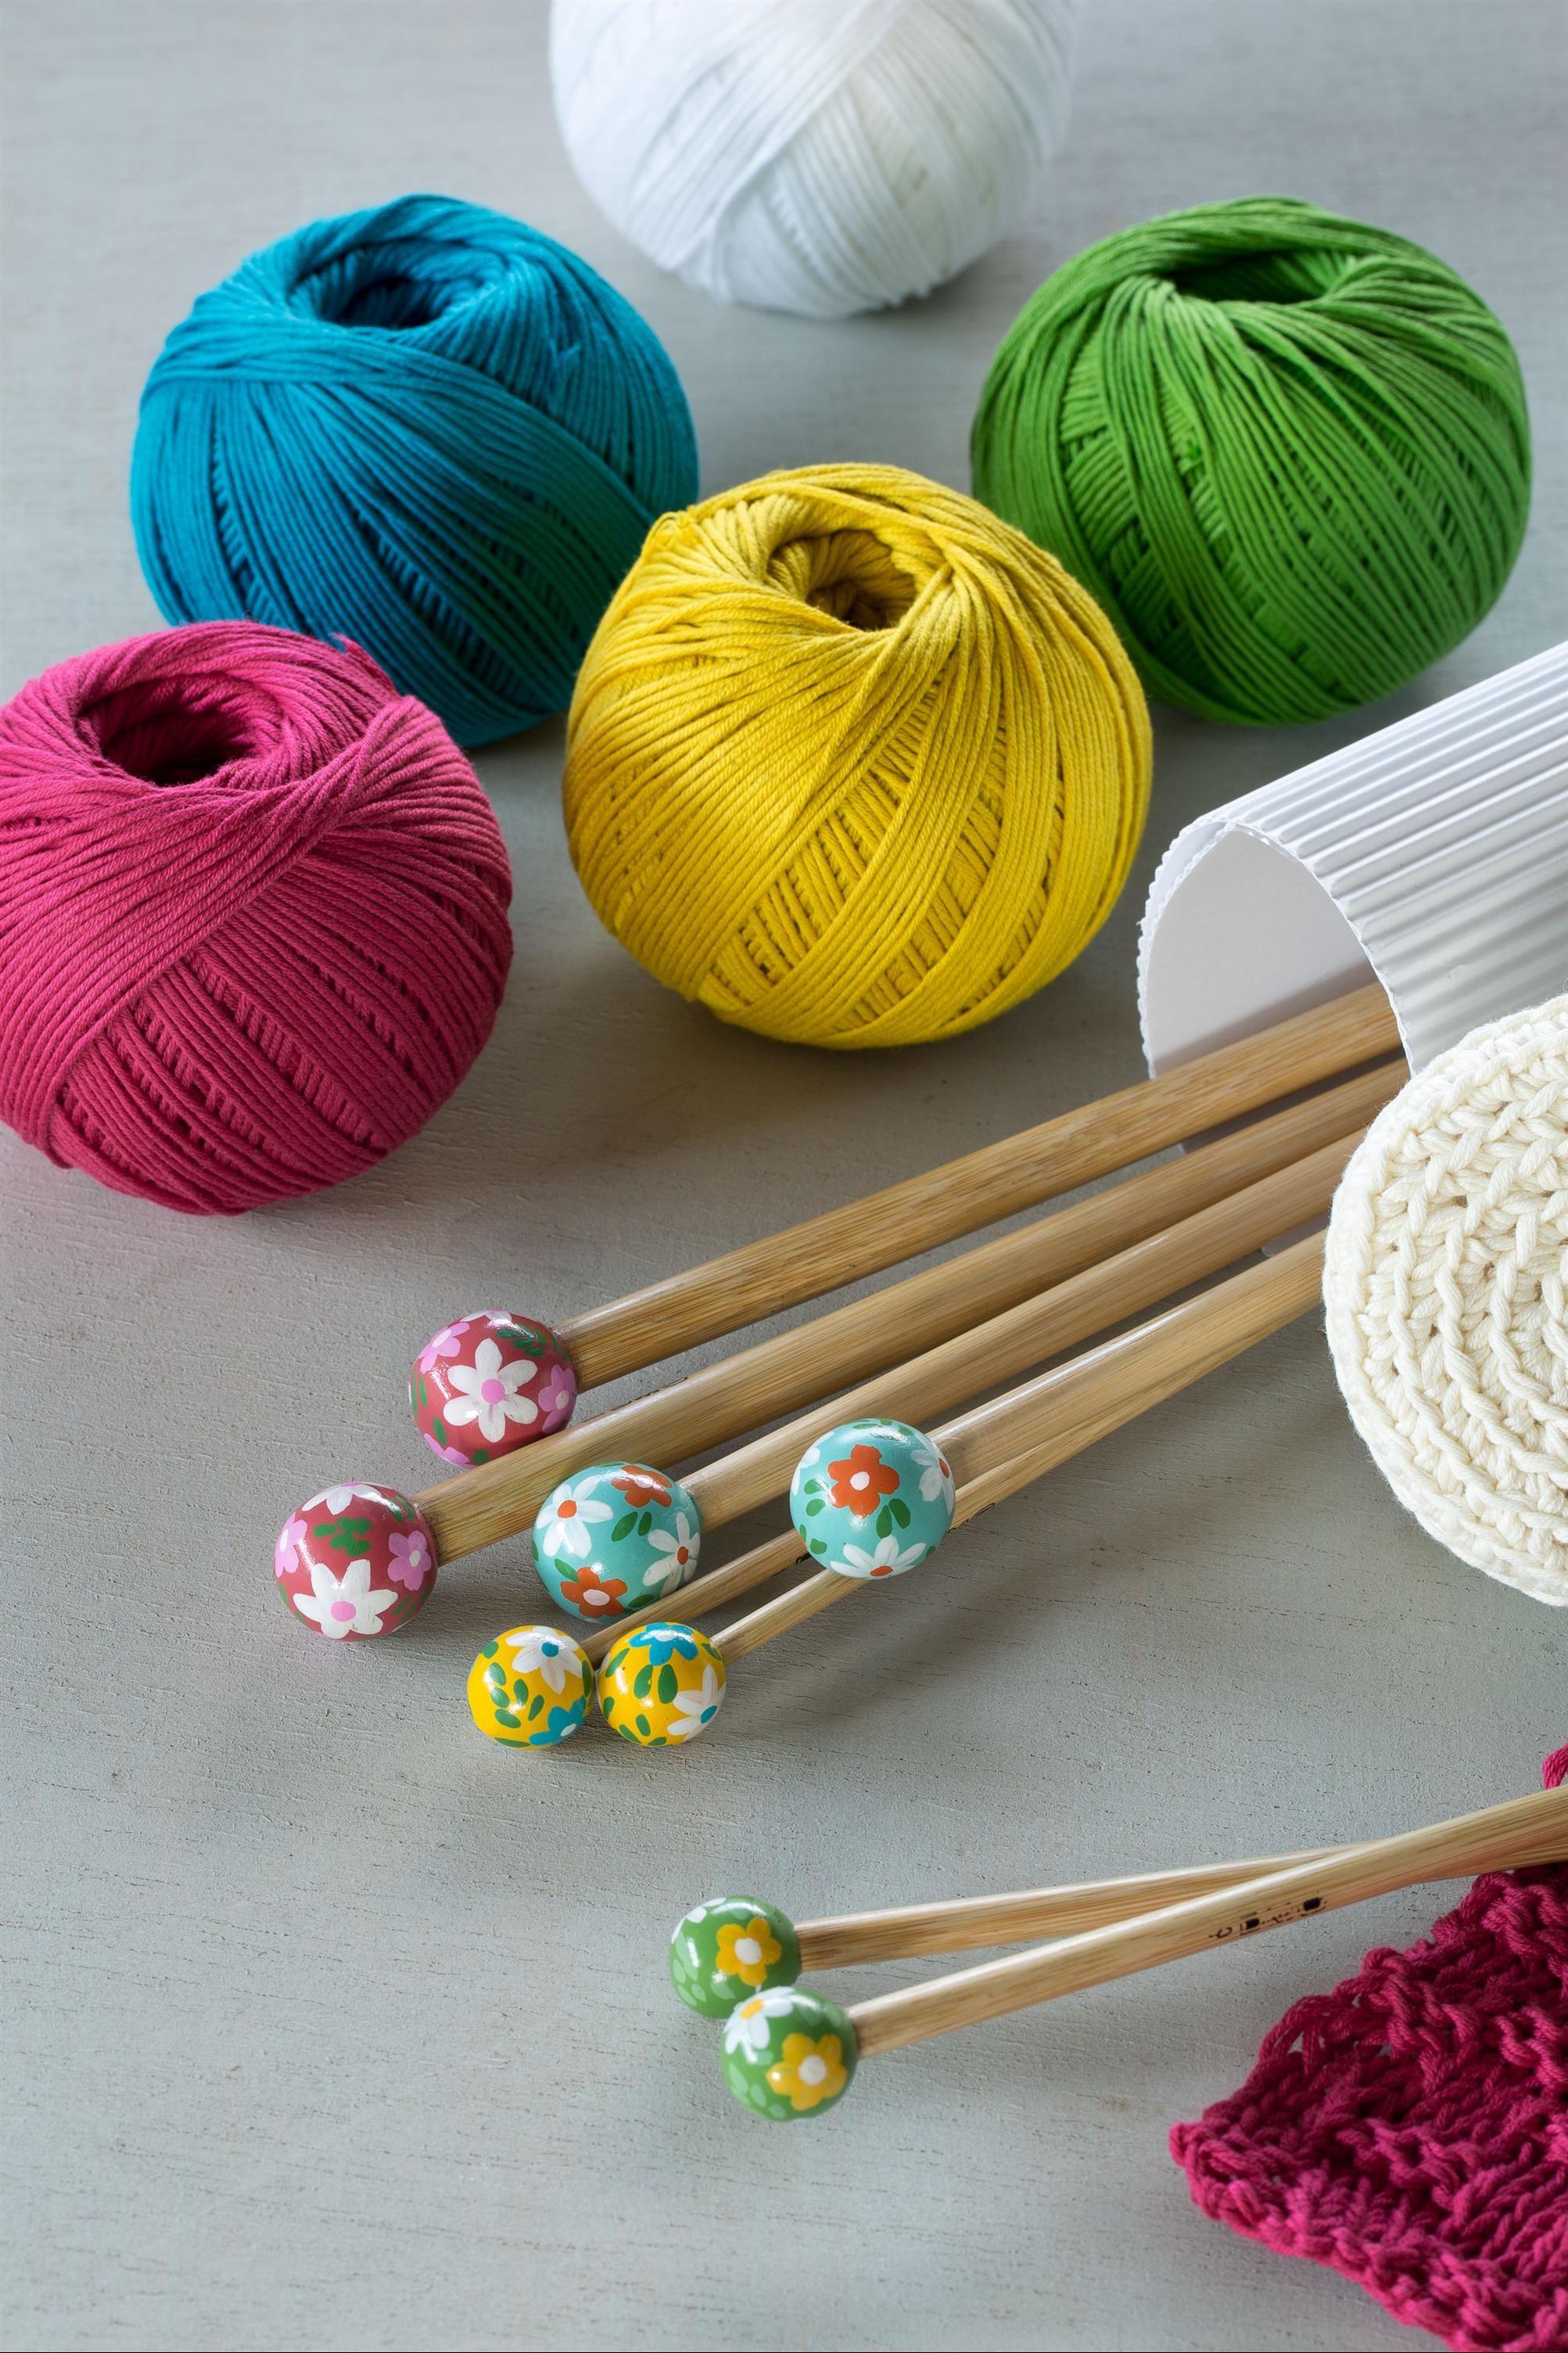 Dmc Natura Dmc Natura Knit Crochet Crochet Yarn Colors